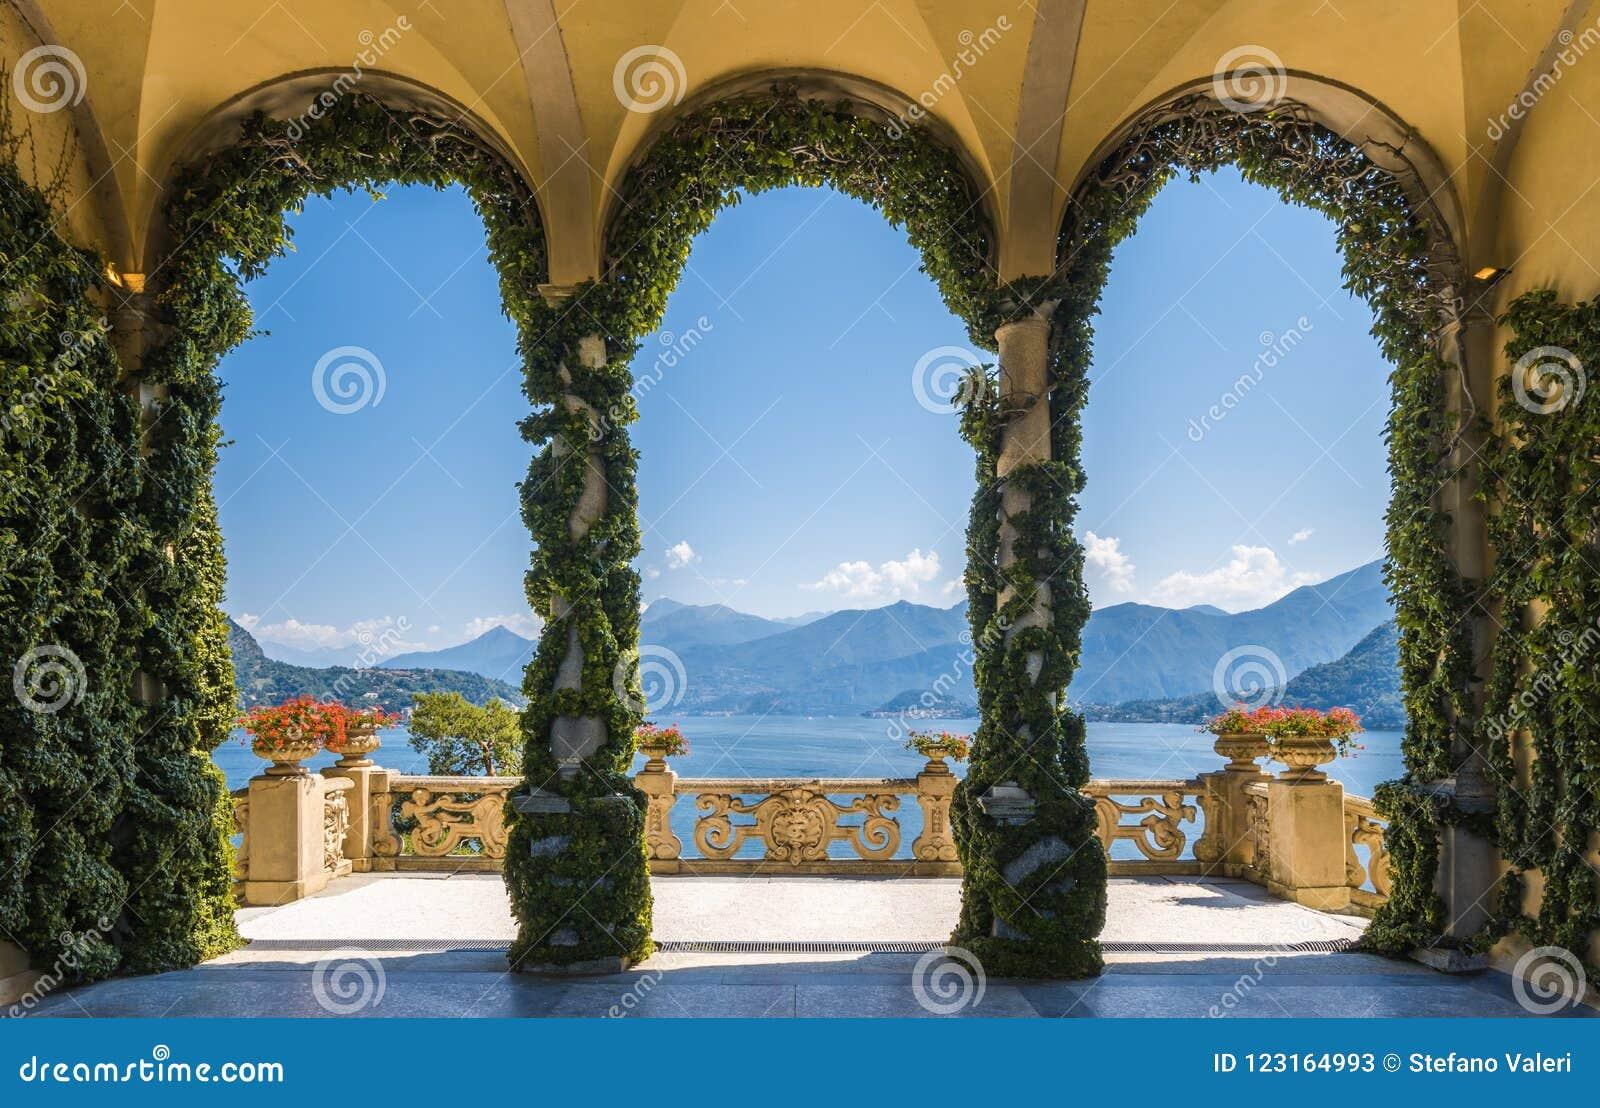 Lago di trascuratezza Como del balcone scenico nella Villa del Balbianello famosa, nel comune di Lenno La Lombardia, Italia